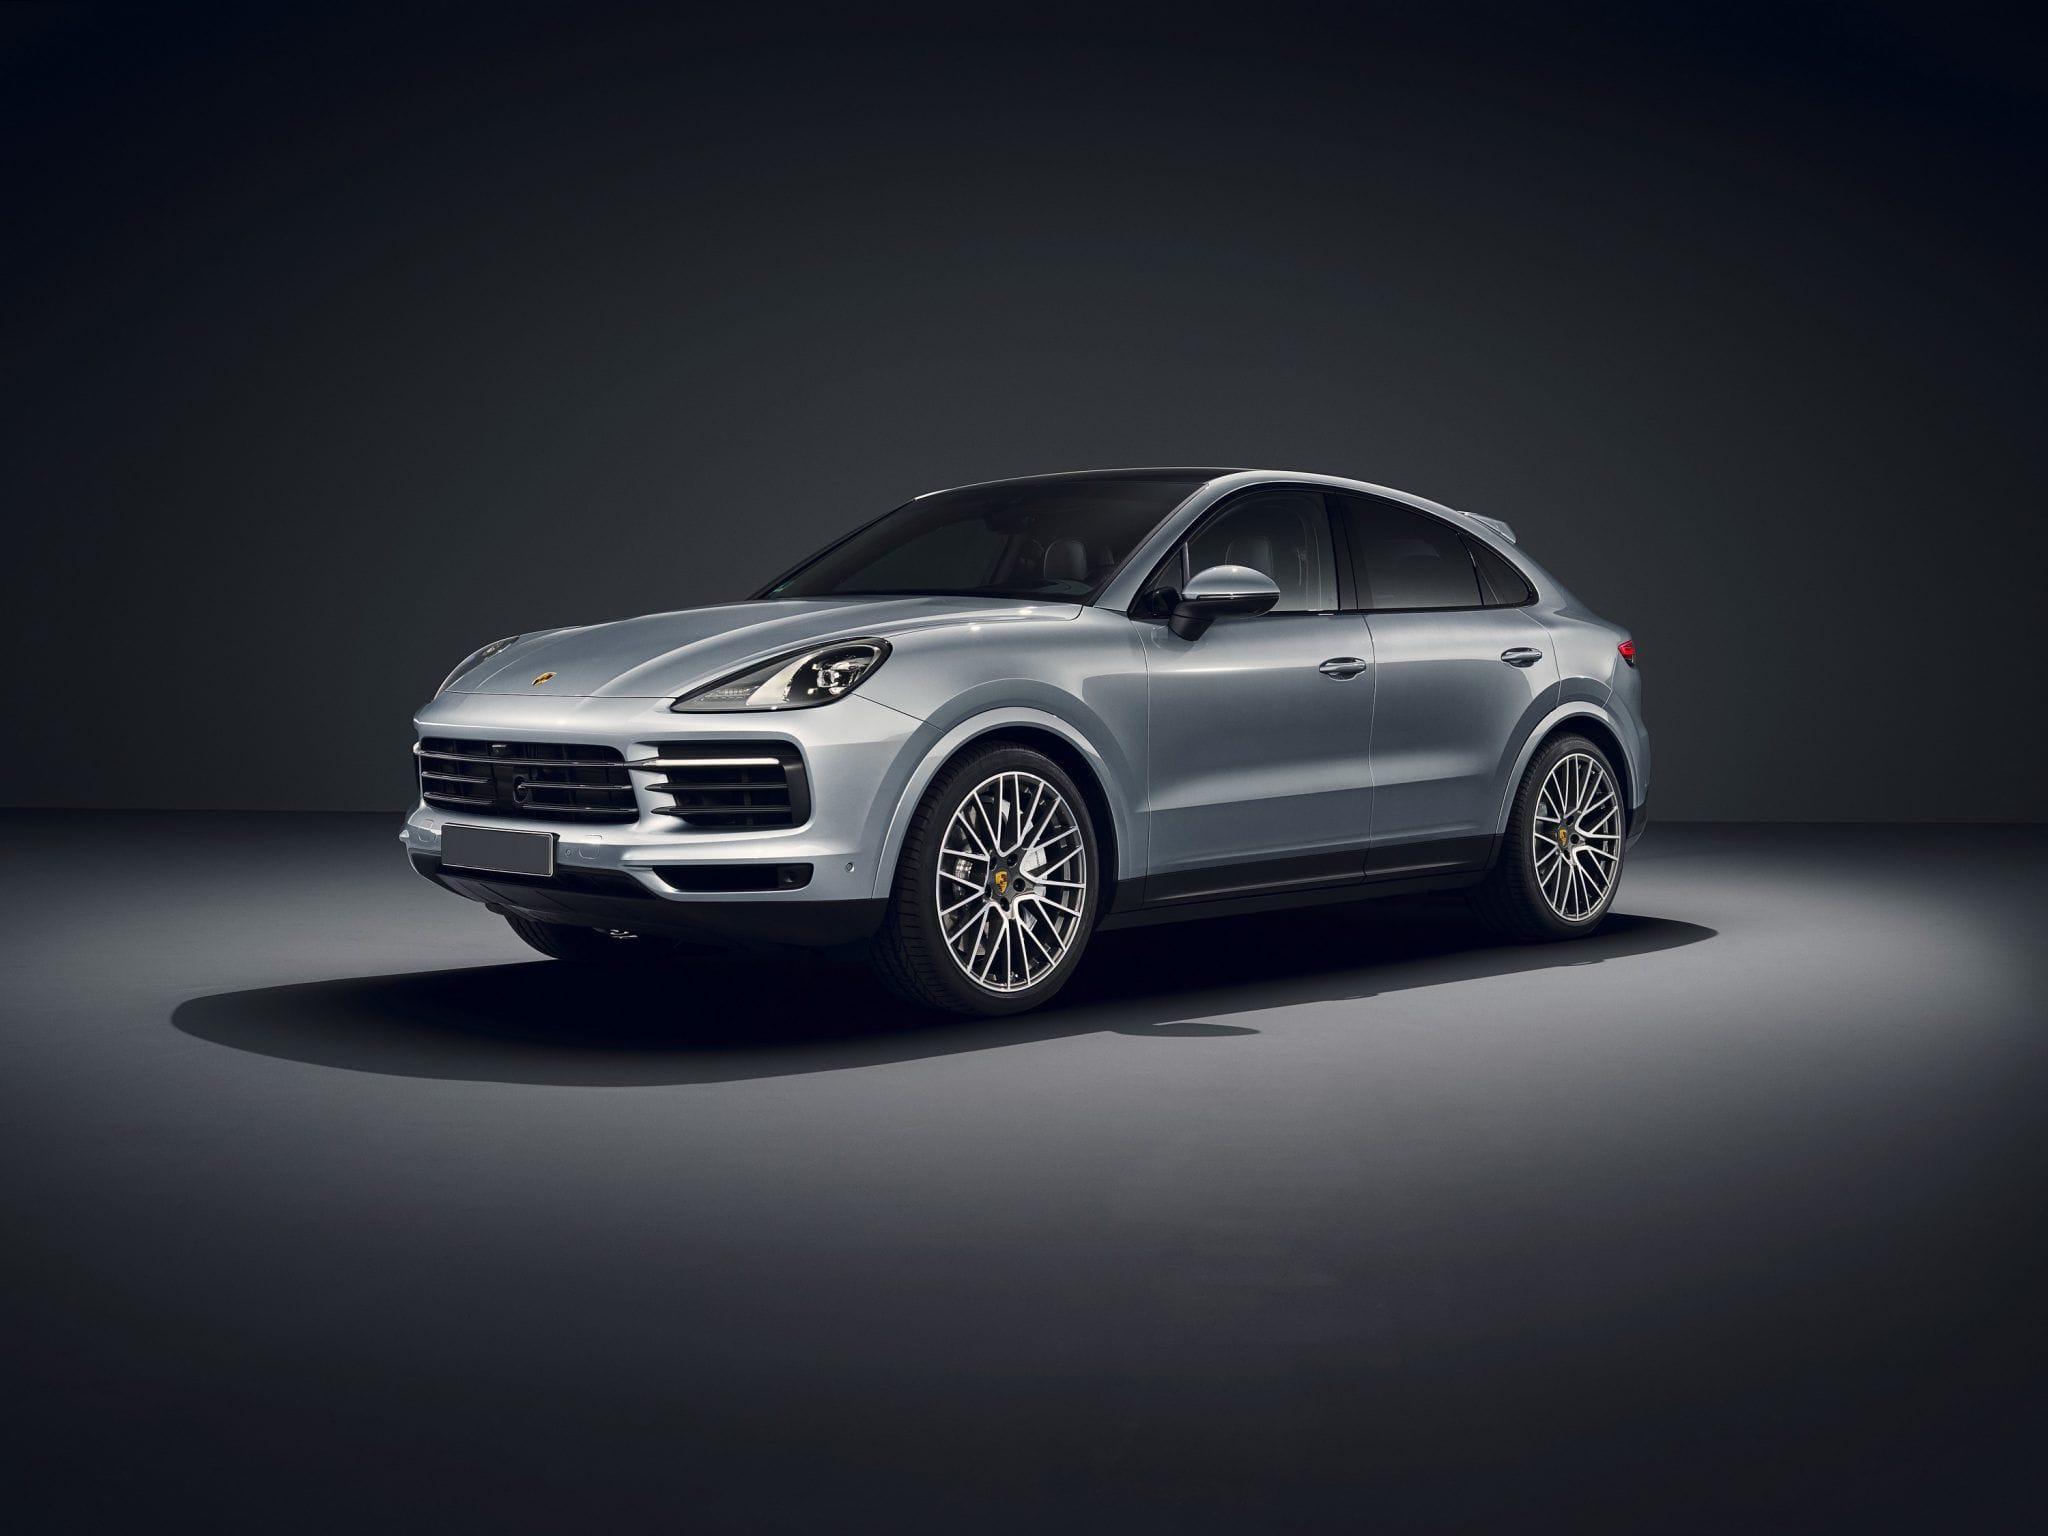 Porsche Cayenne : Le SUV qui a tout changé